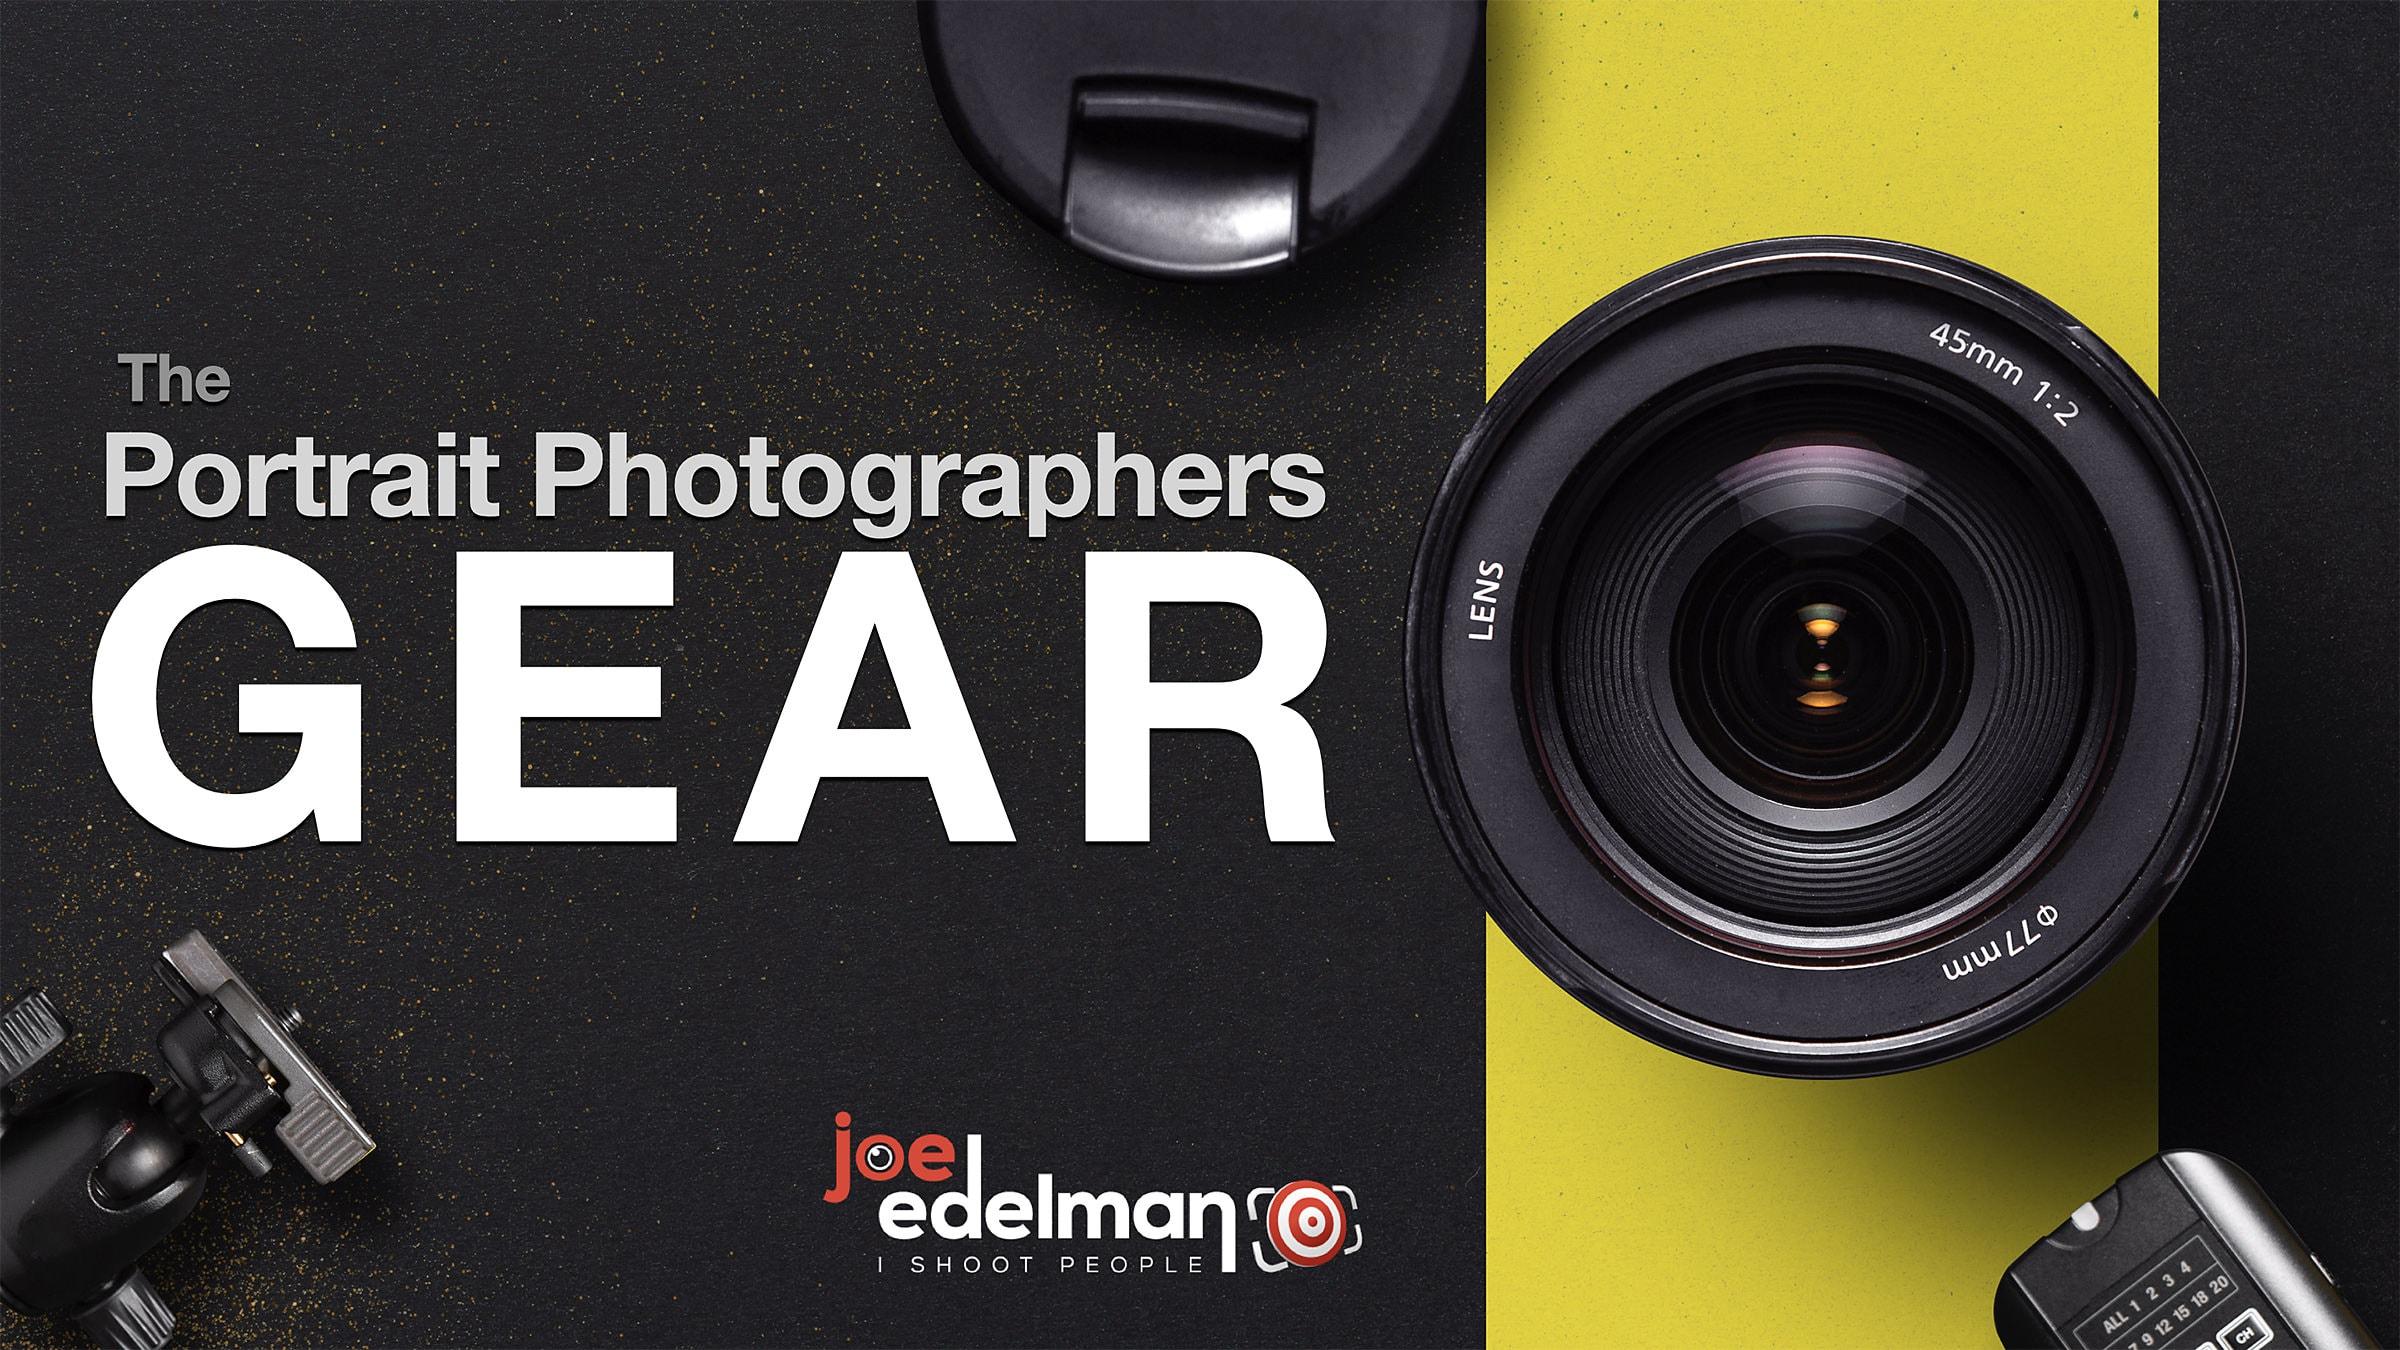 The Portrait Photographers Gear